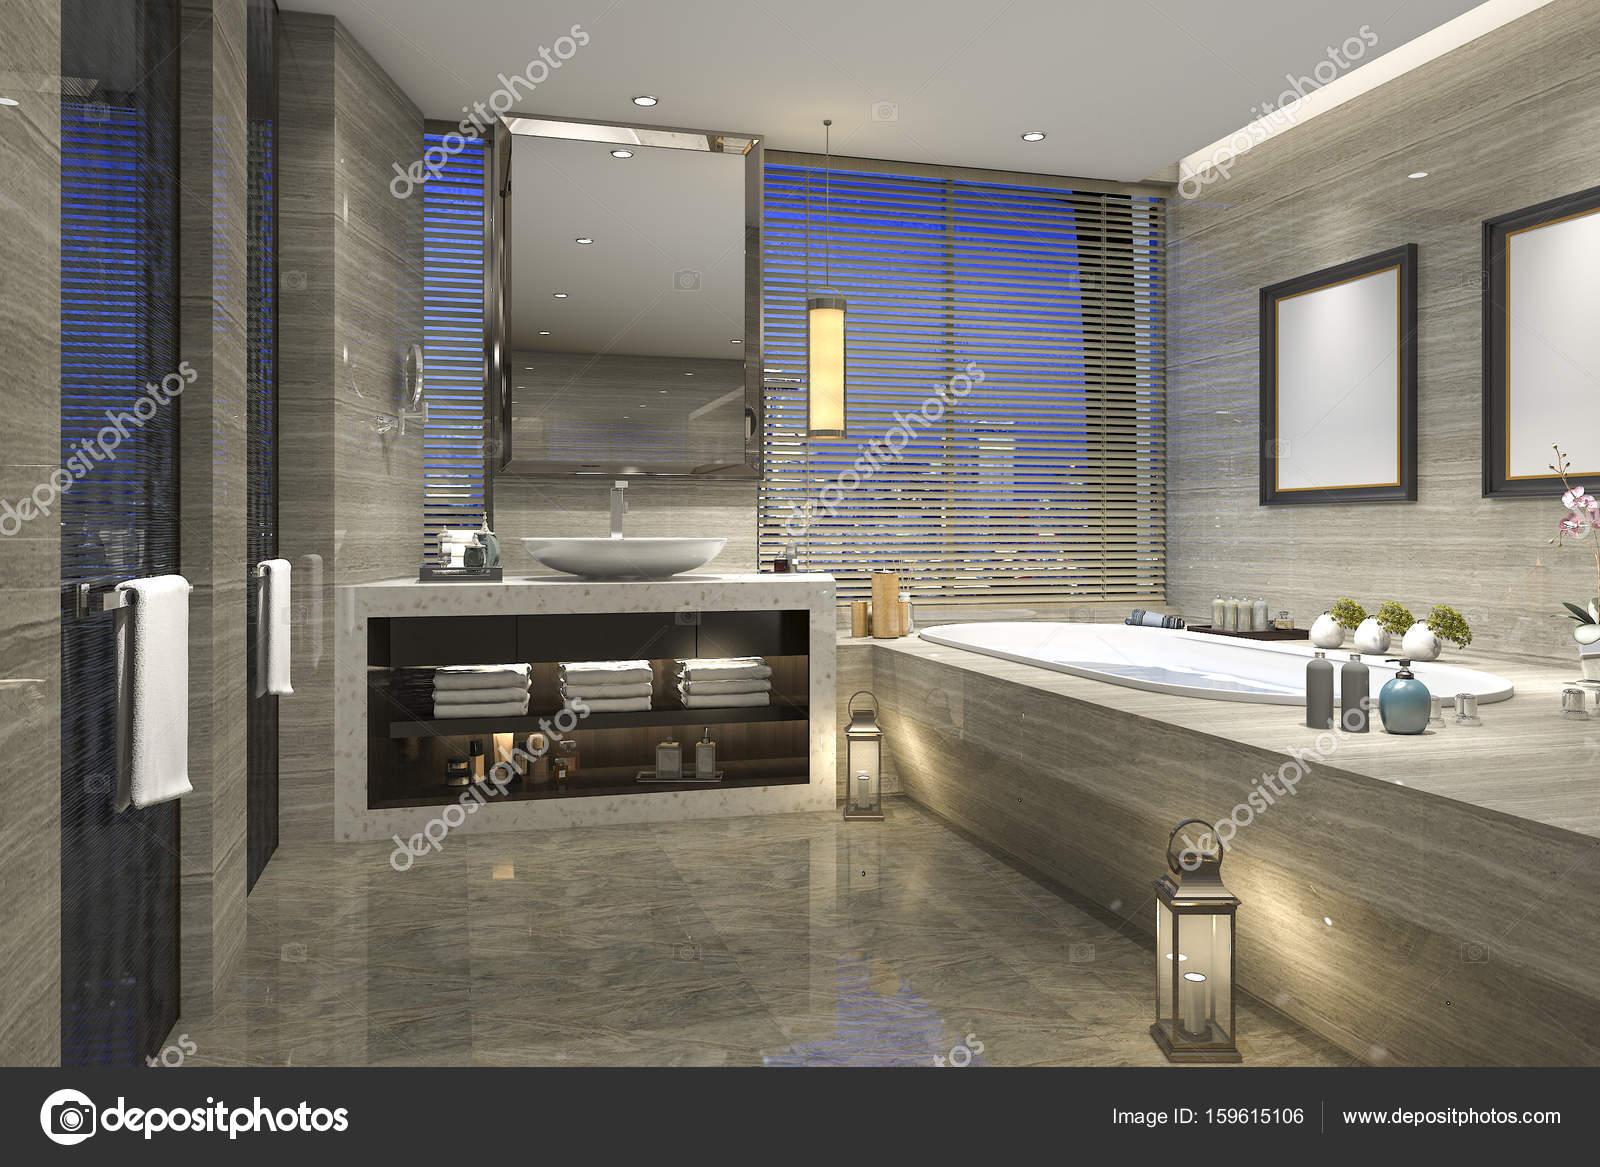 Cuartos de baño de lujo modernos | 3D Render noche vista cuarto de ...